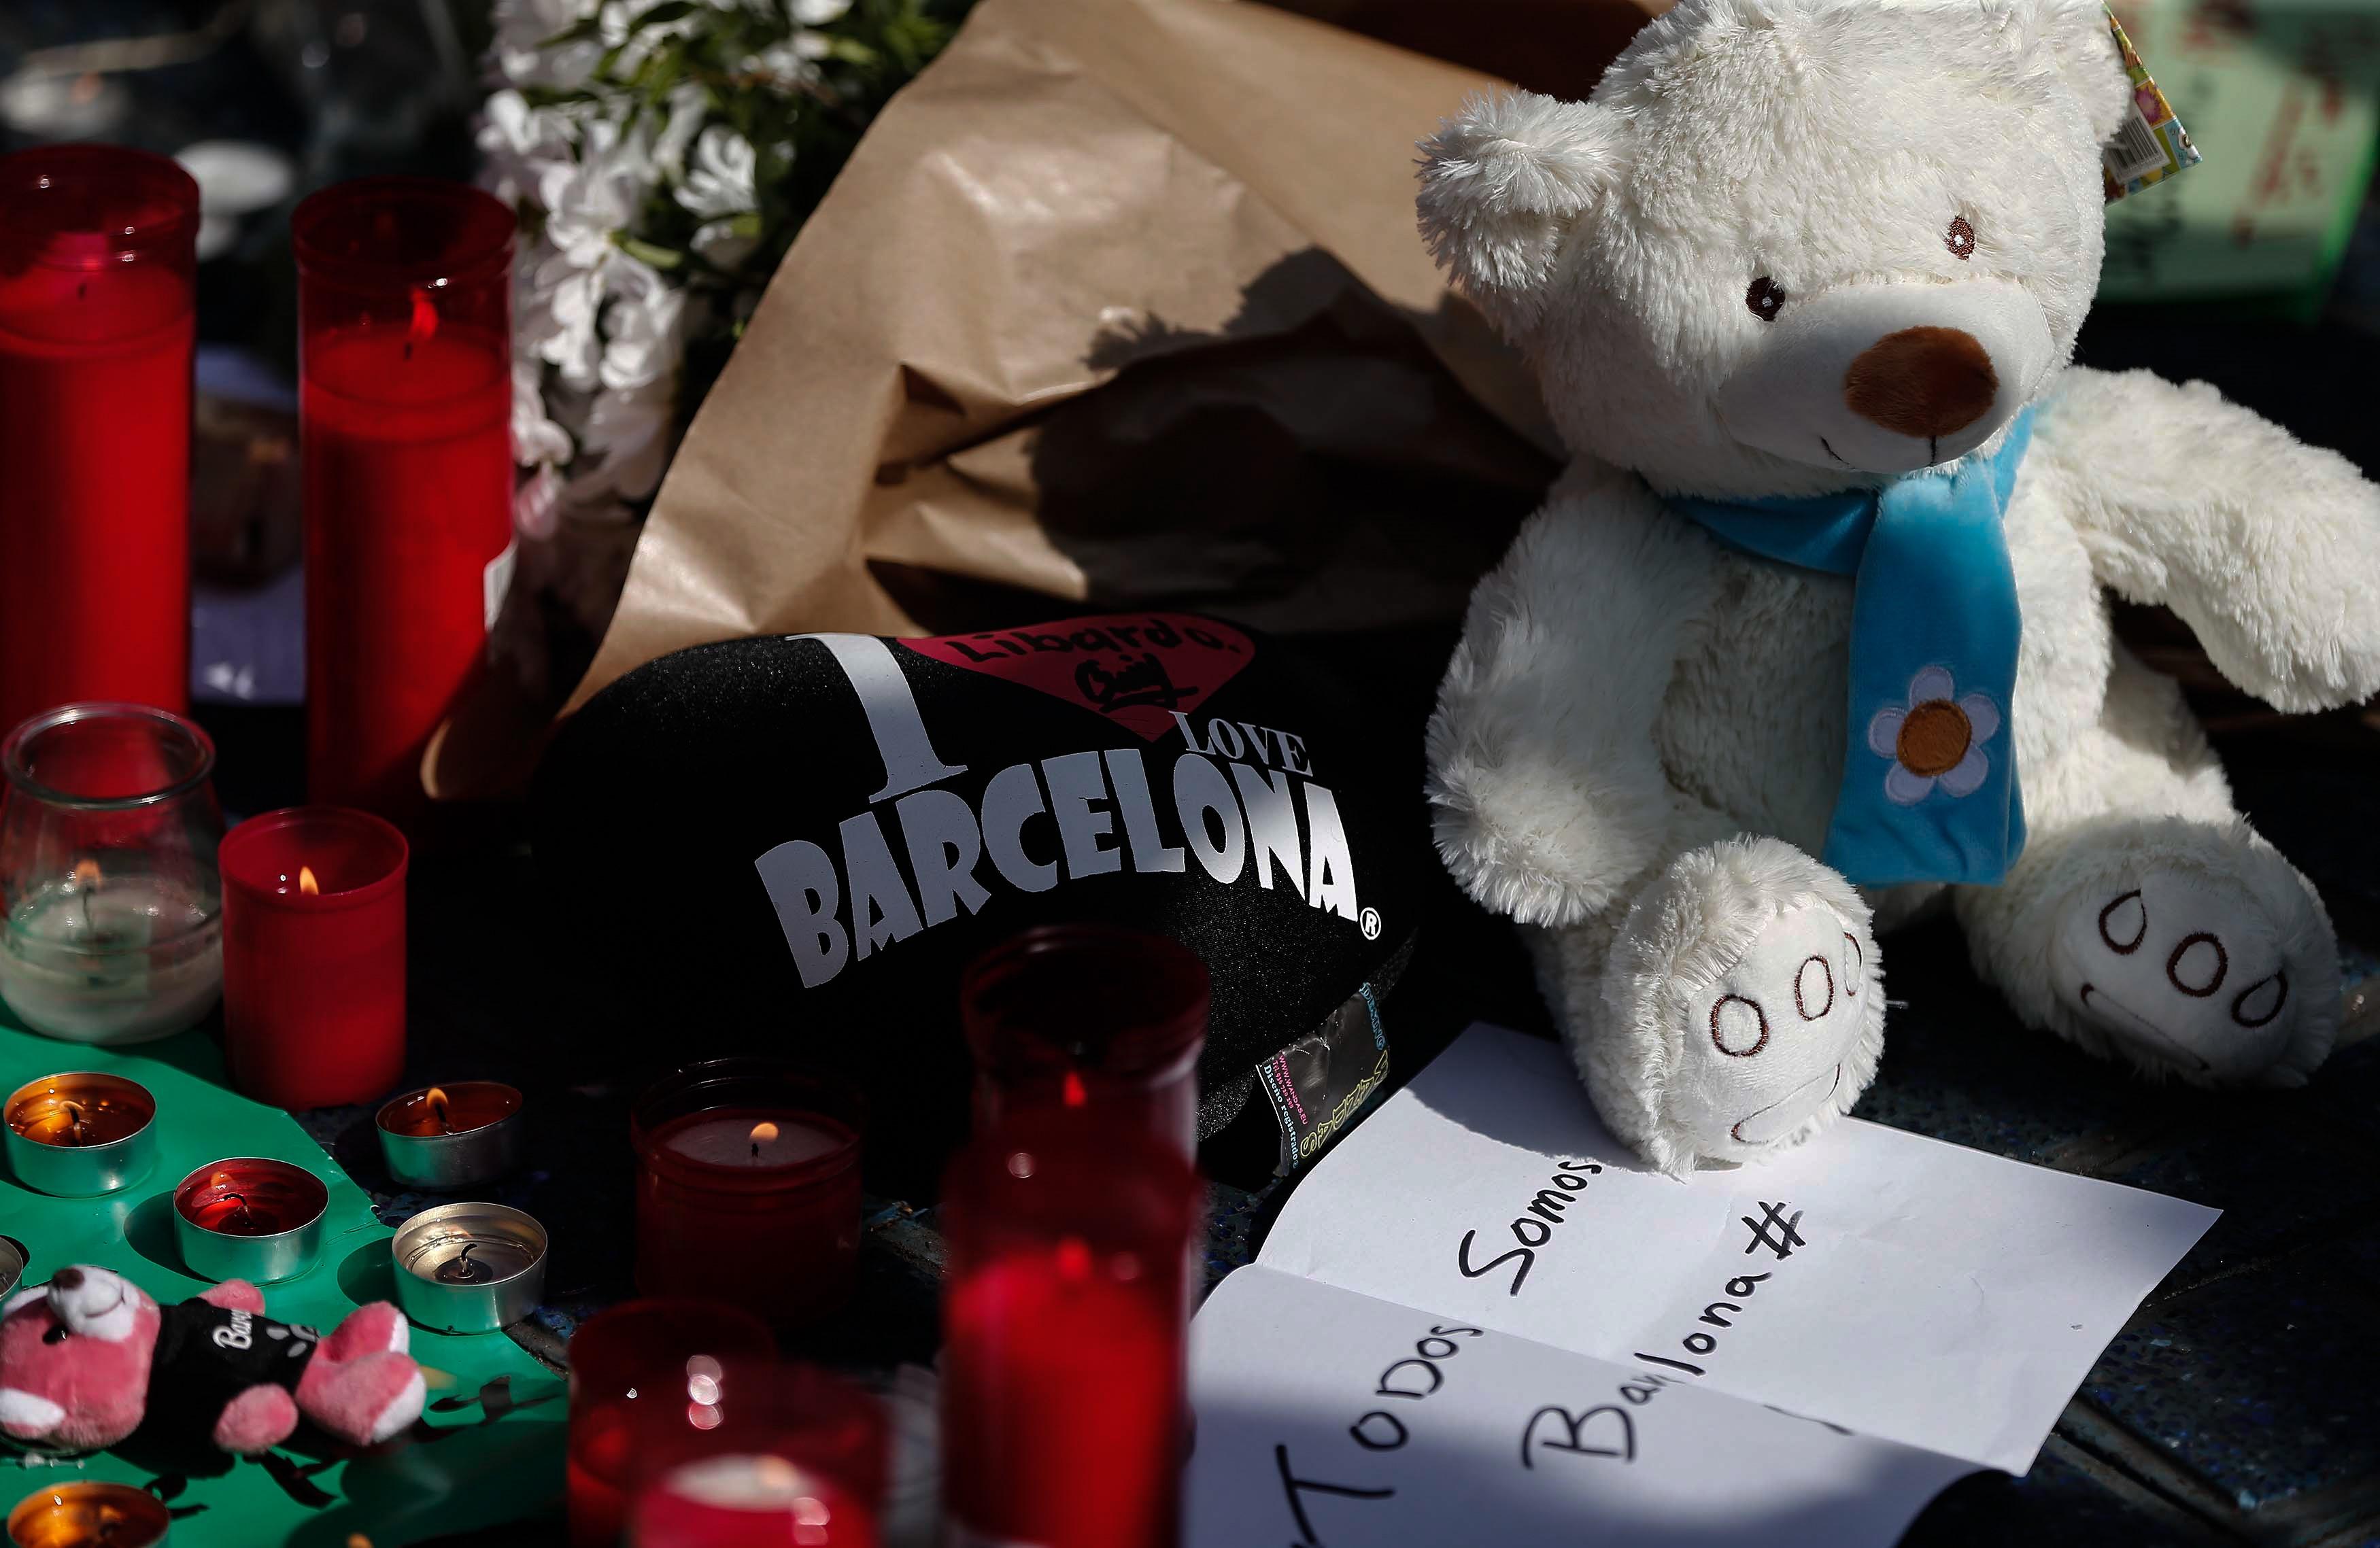 Memorial for Barcelona terror attack victims